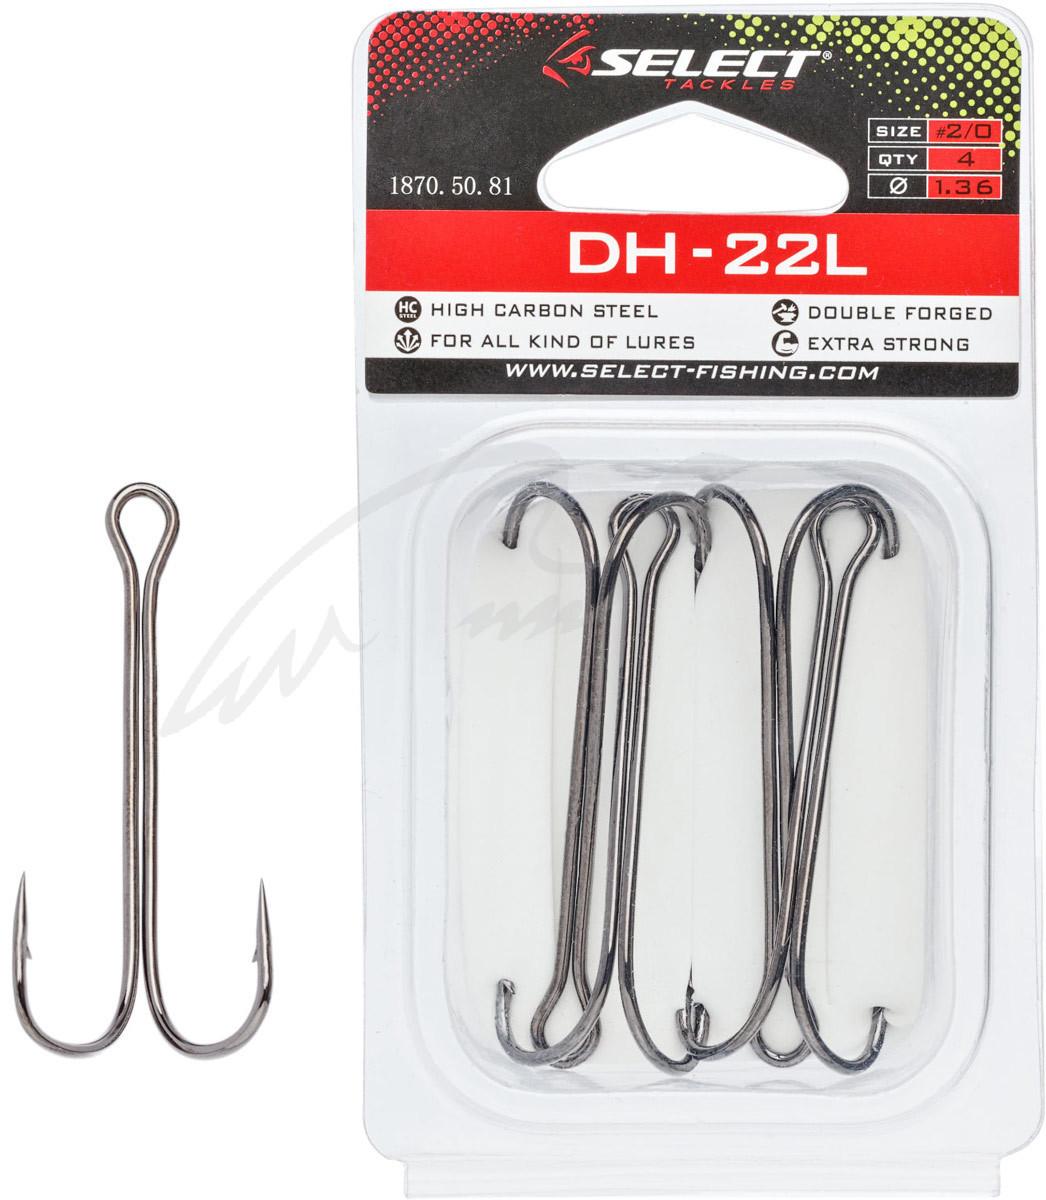 Двійник Select DH-22L #2/0 (4 шт/уп)